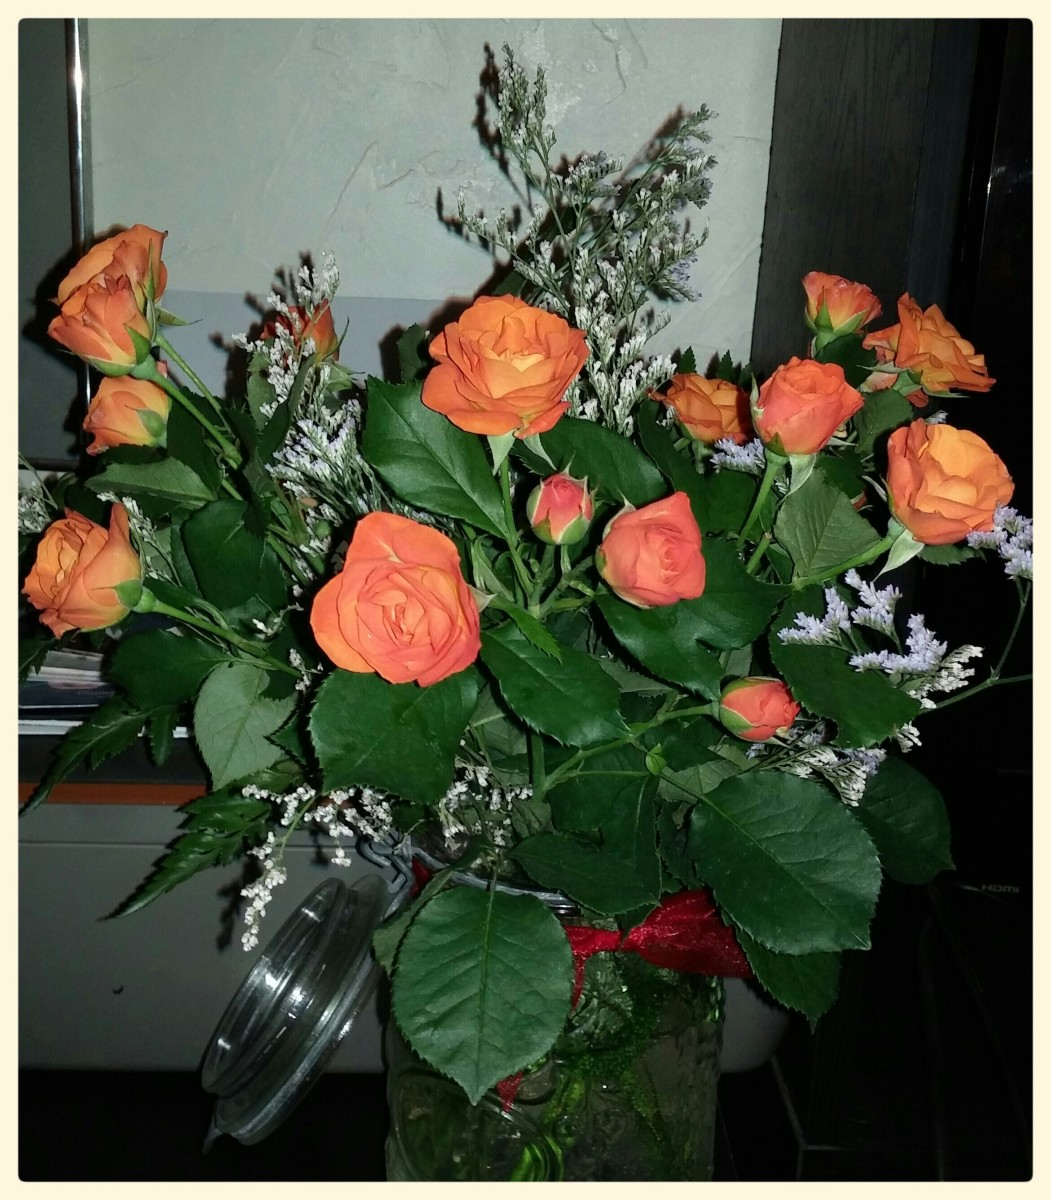 True friendship is like the rose.  It radiates beauty in each of its own seasons.